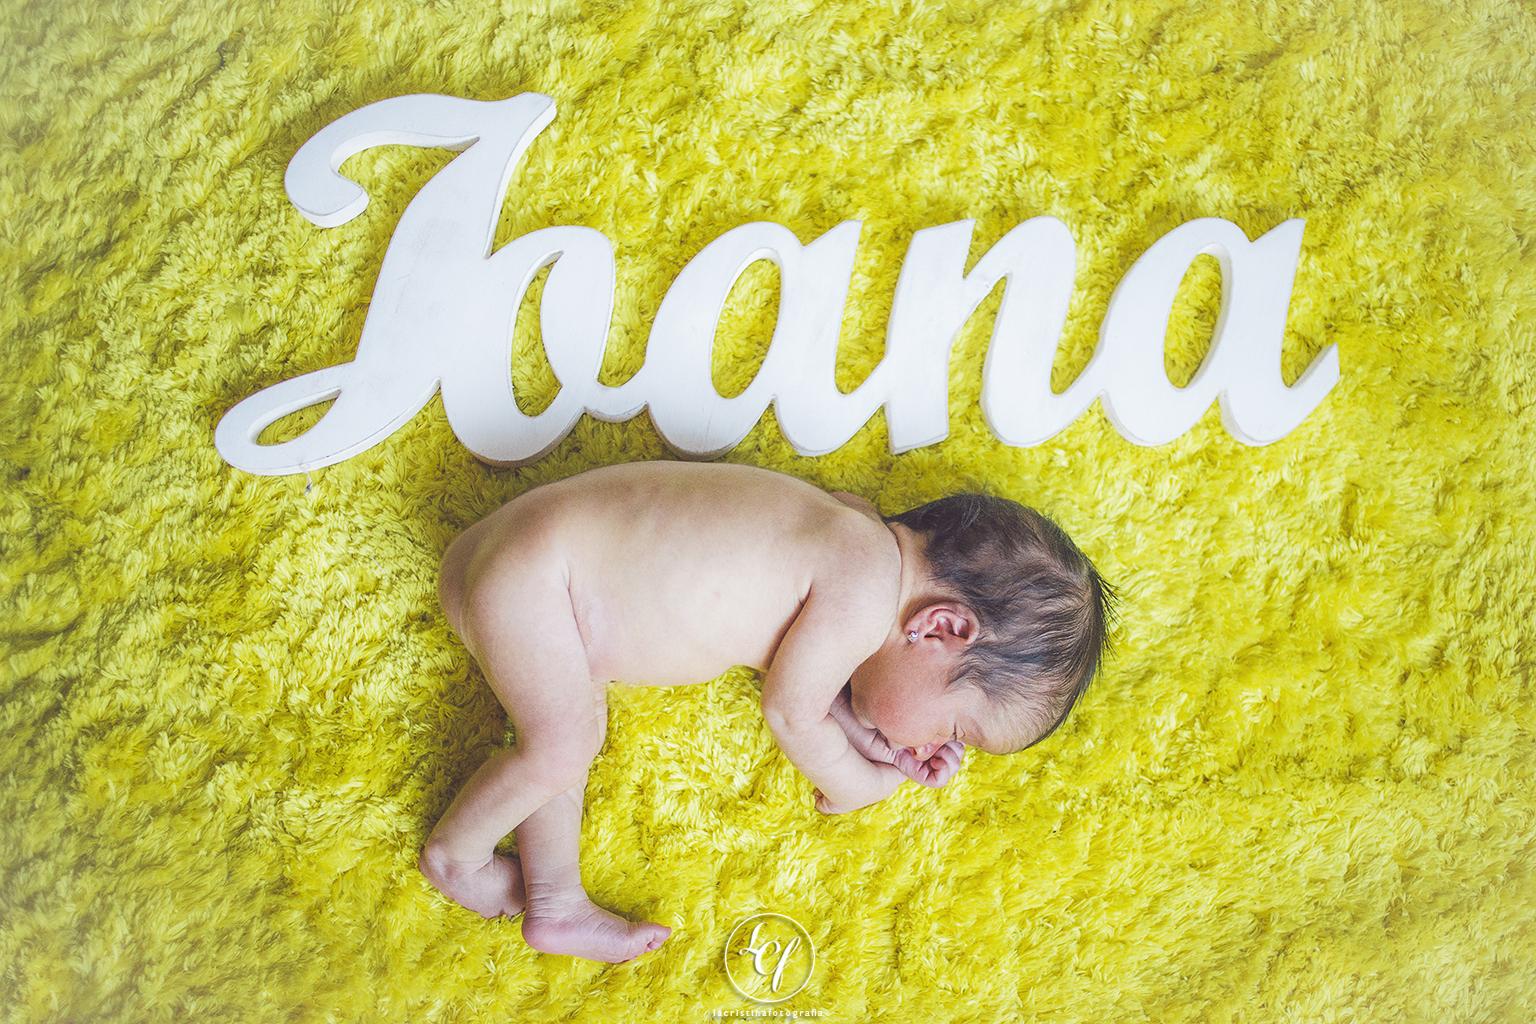 fotografía de bebé :: fotógrafo de bebés :: fotografía recién nacido :: fotográfo de recien nacido :: fotógrafo Barcelona :: fotógrafa Barcelona